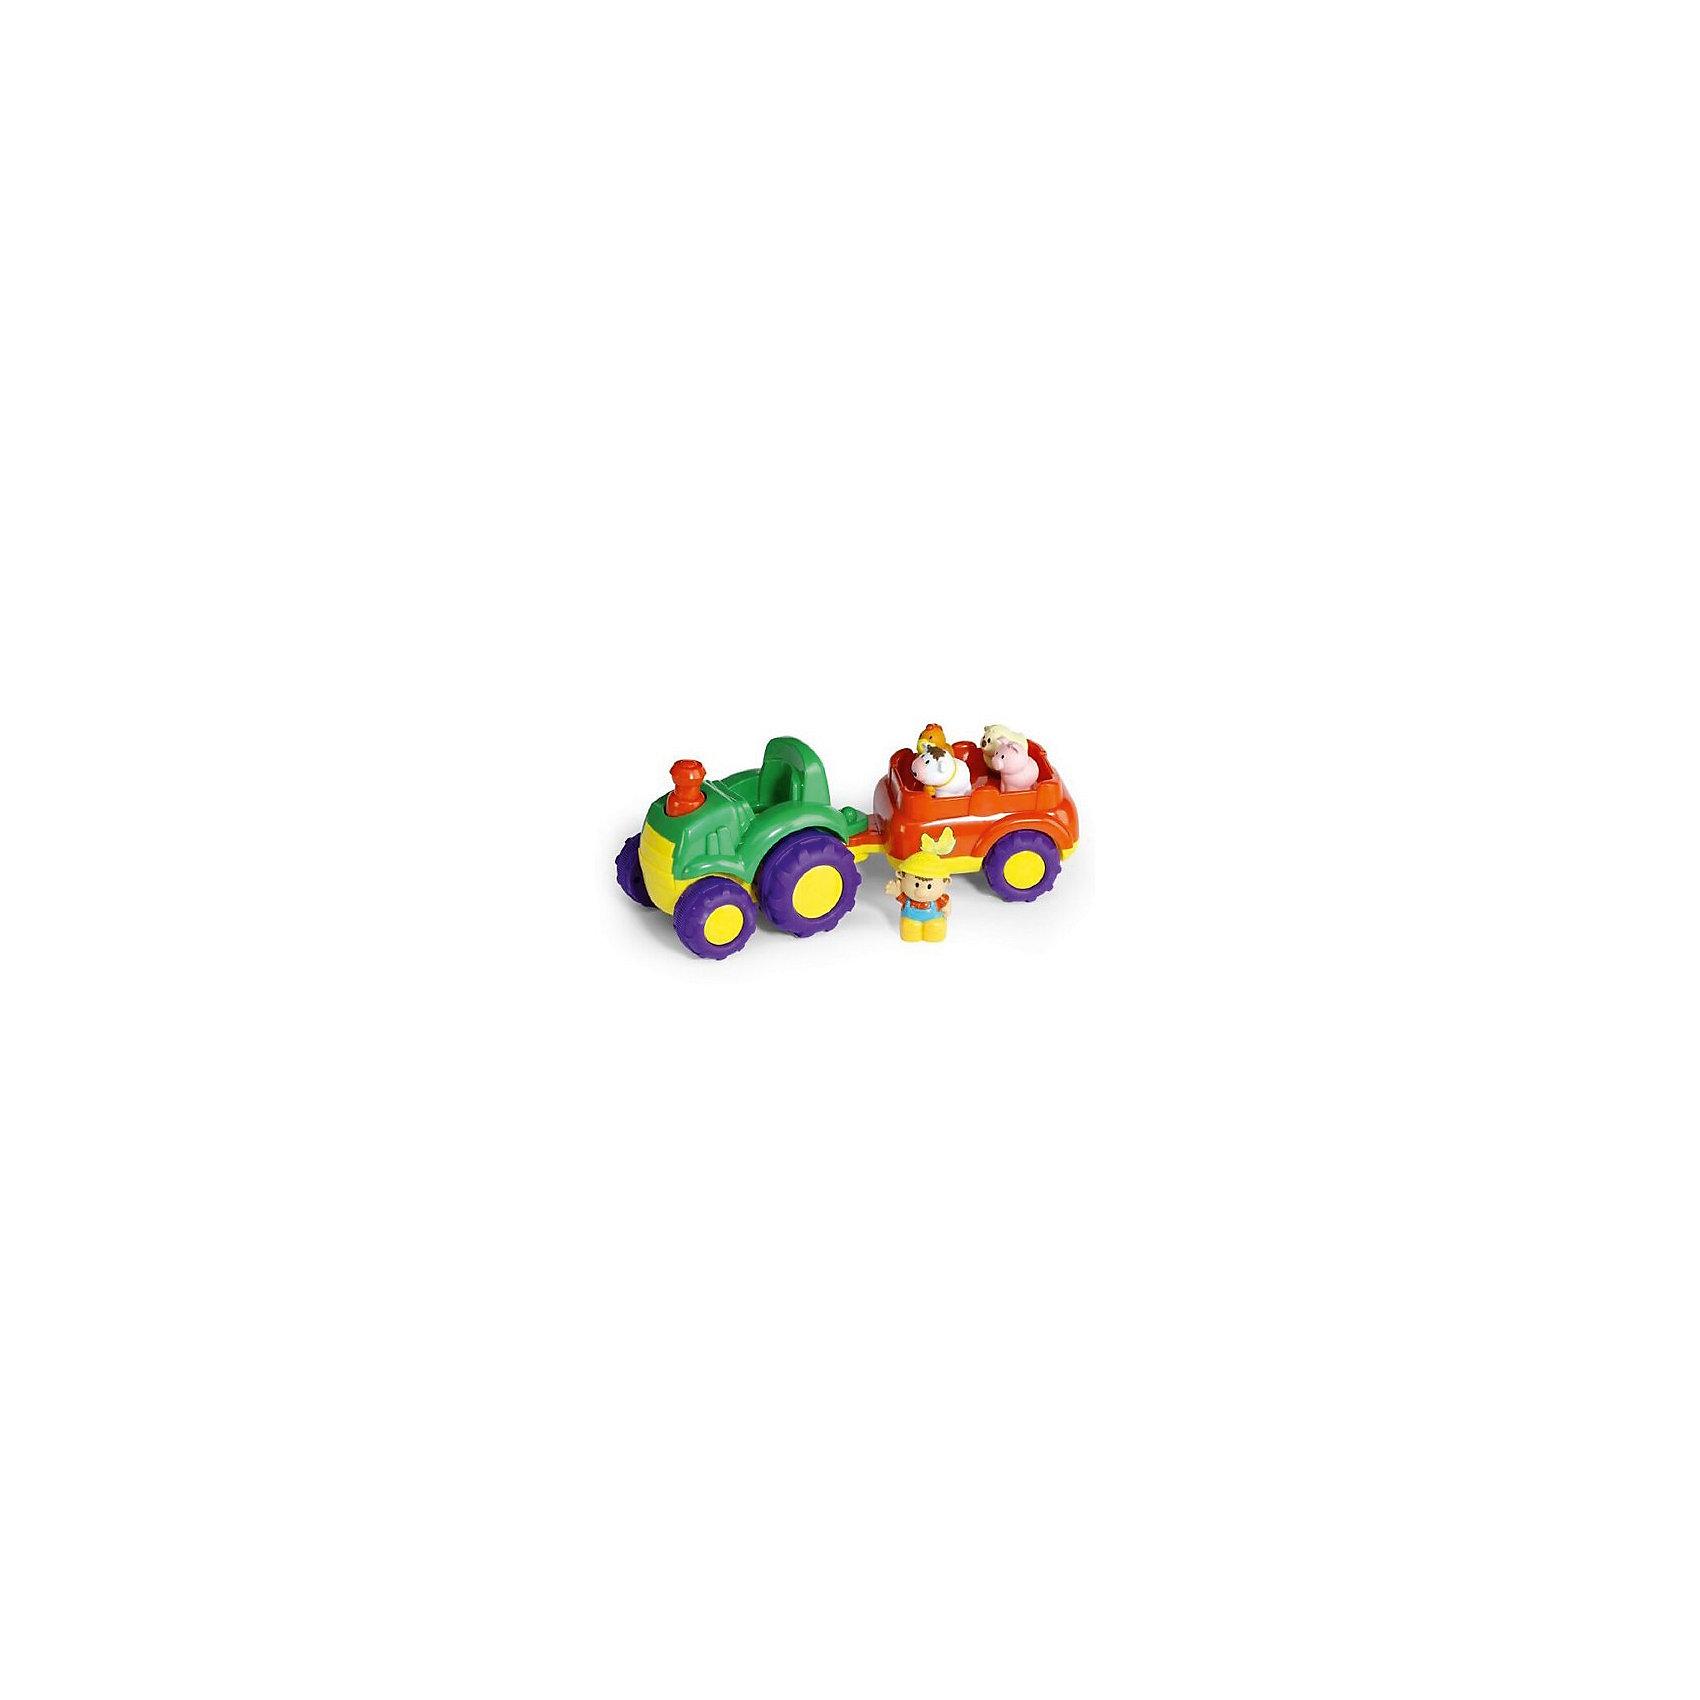 Игровой набор Keenway Трактор и трейлерМашинки и транспорт для малышей<br><br><br>Ширина мм: 178<br>Глубина мм: 406<br>Высота мм: 165<br>Вес г: 1334<br>Возраст от месяцев: 12<br>Возраст до месяцев: 36<br>Пол: Мужской<br>Возраст: Детский<br>SKU: 7065785